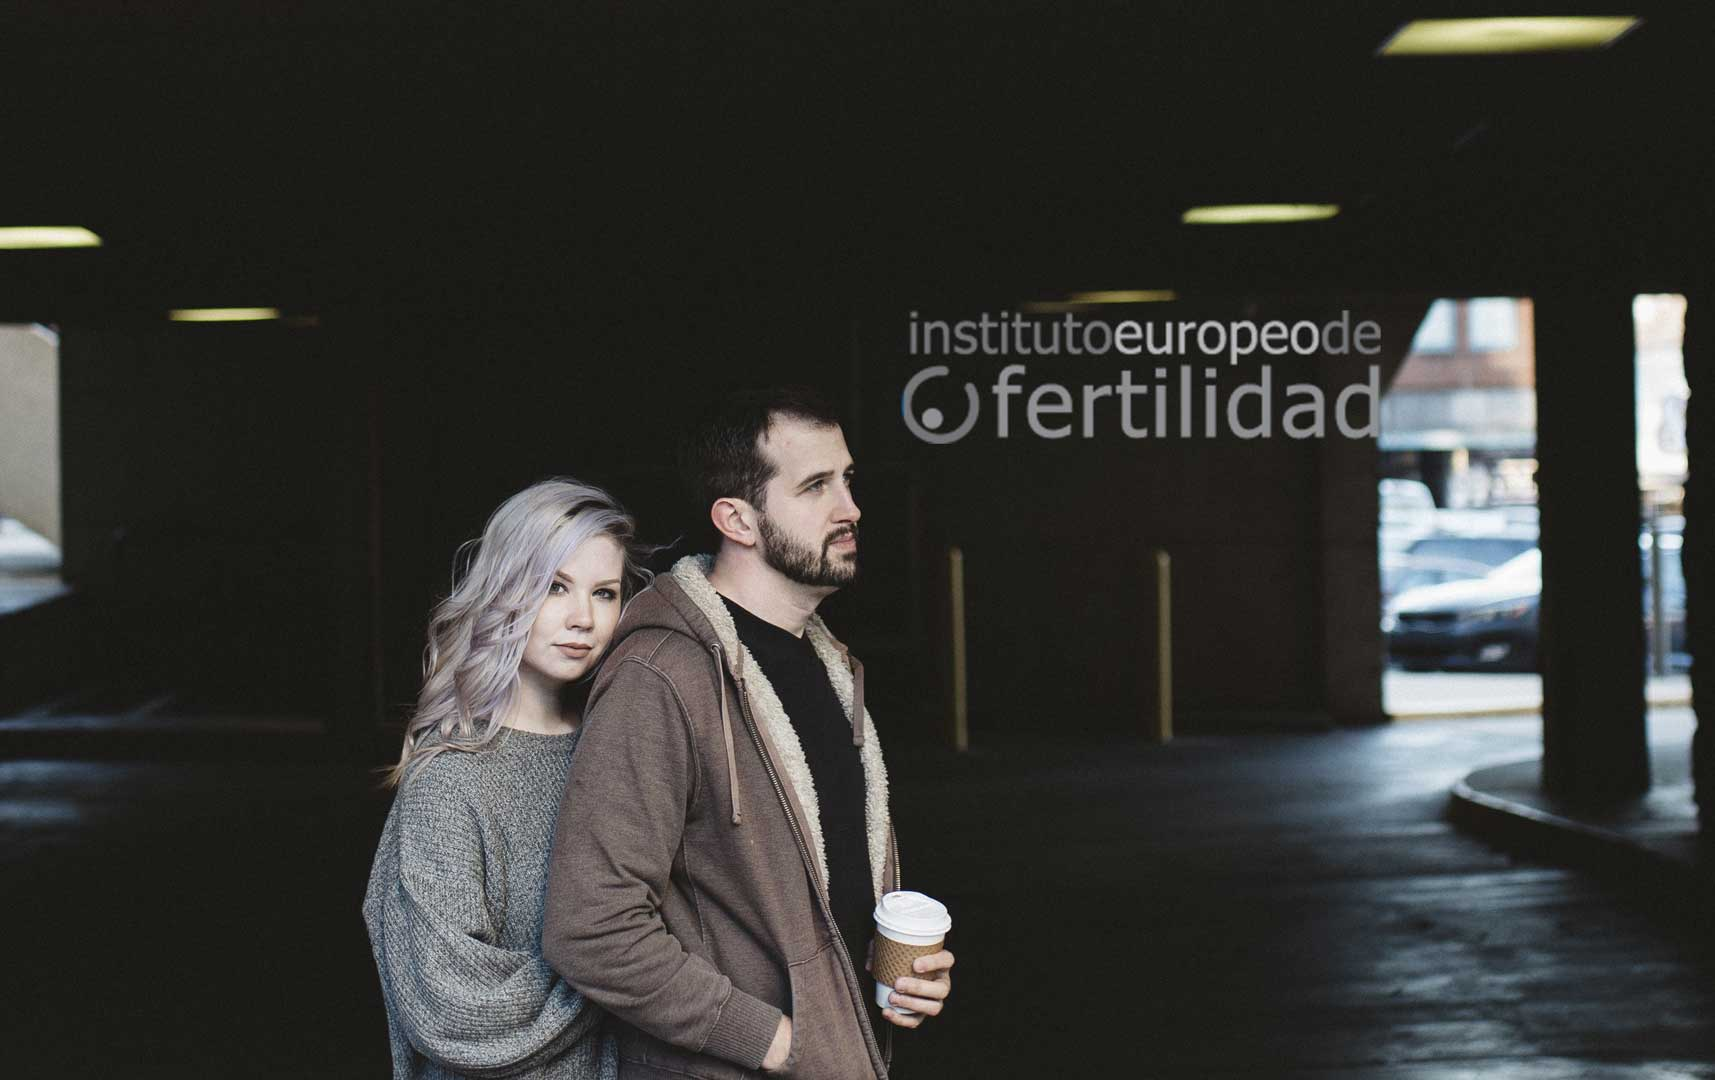 preservar-la-fertilidad-por-indicacion-medica-preguntas-frecuentes.jpg